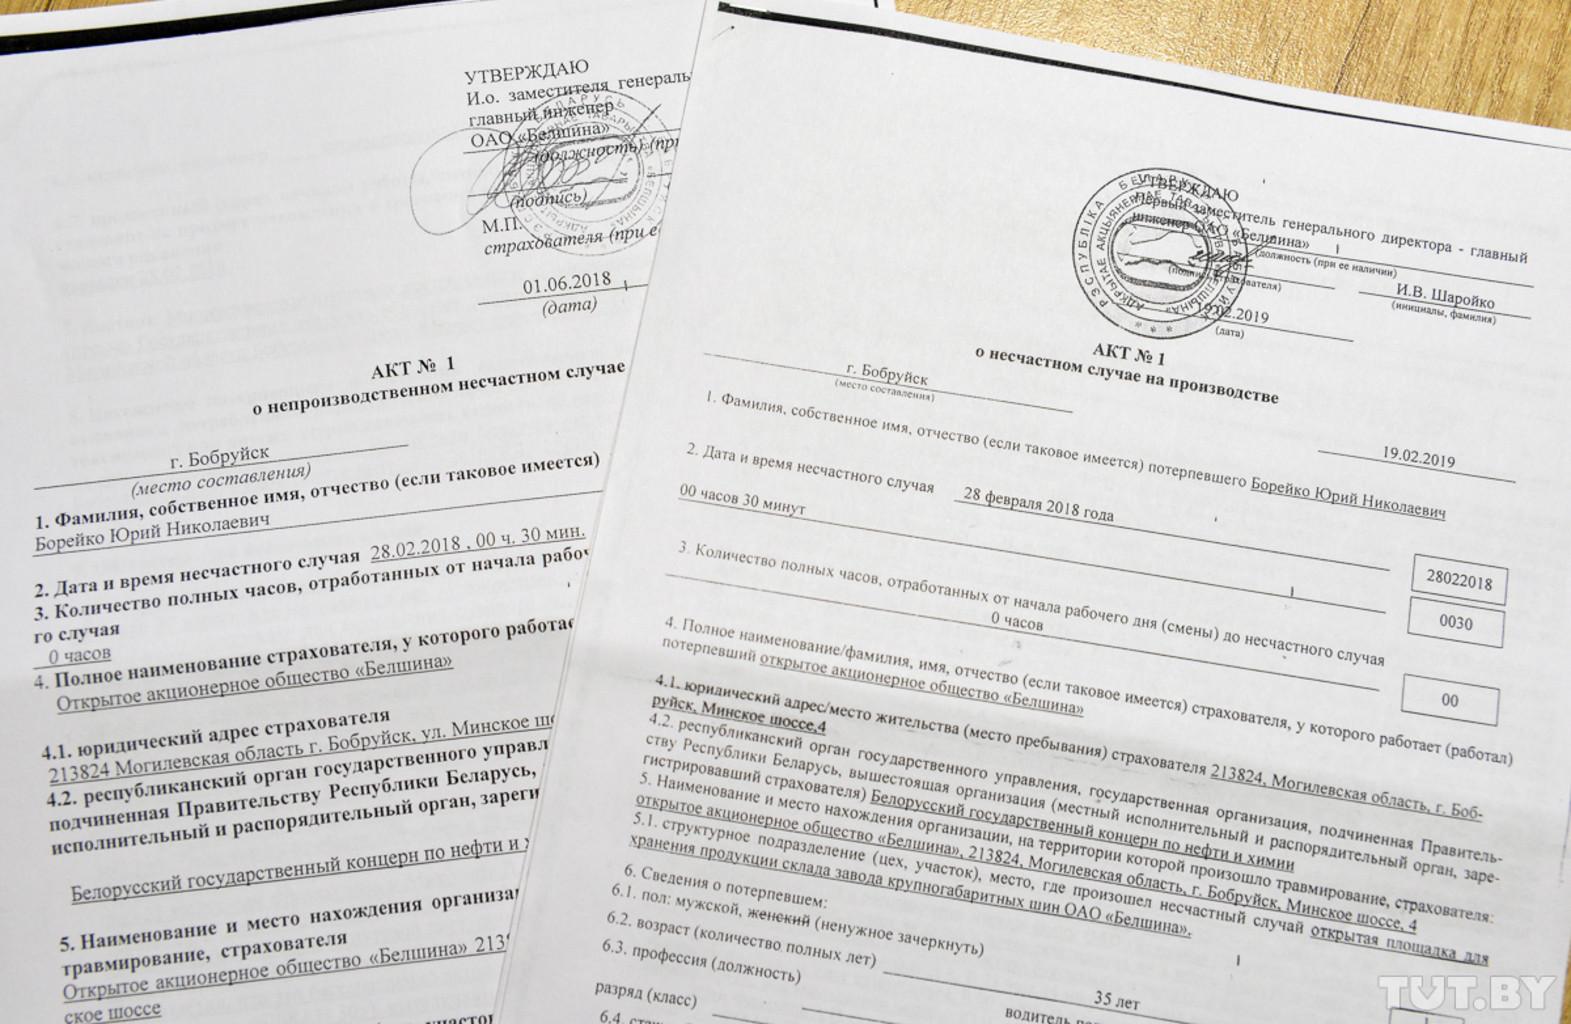 050319 bobruysk miron klimovich kopii aktov o neschastnom sluchae 7505